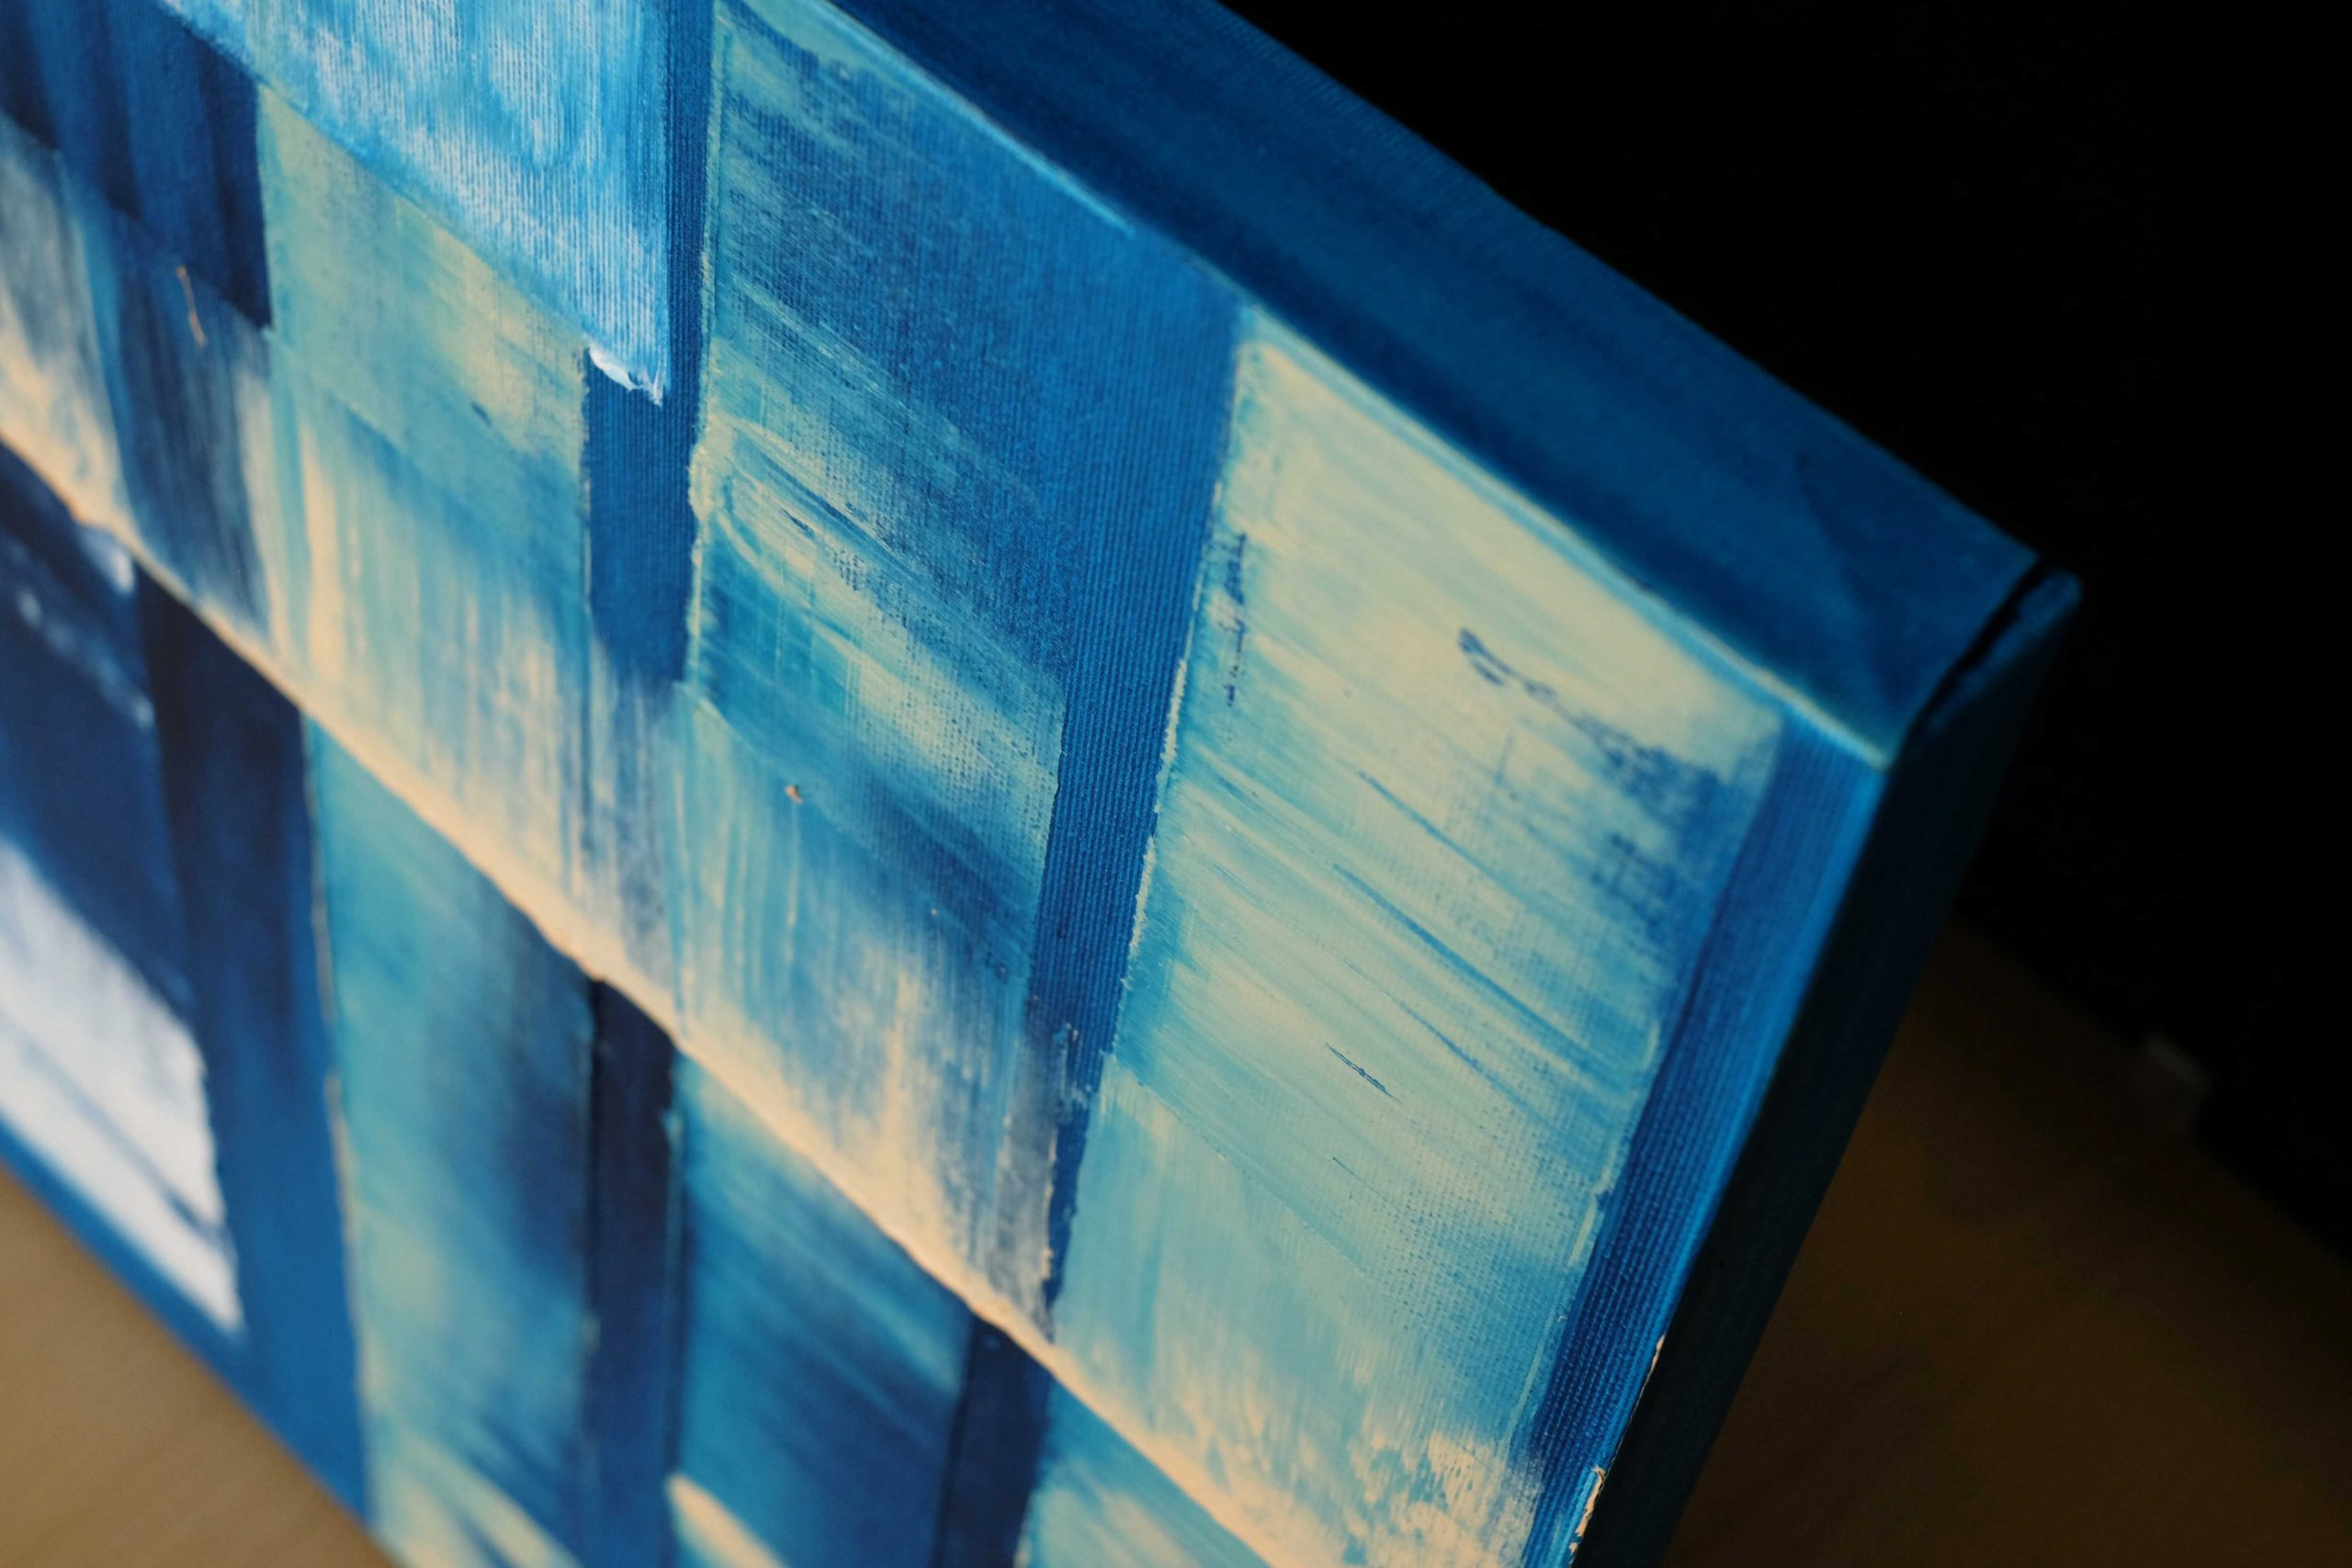 Petrolejová barva, tyrkysová barva